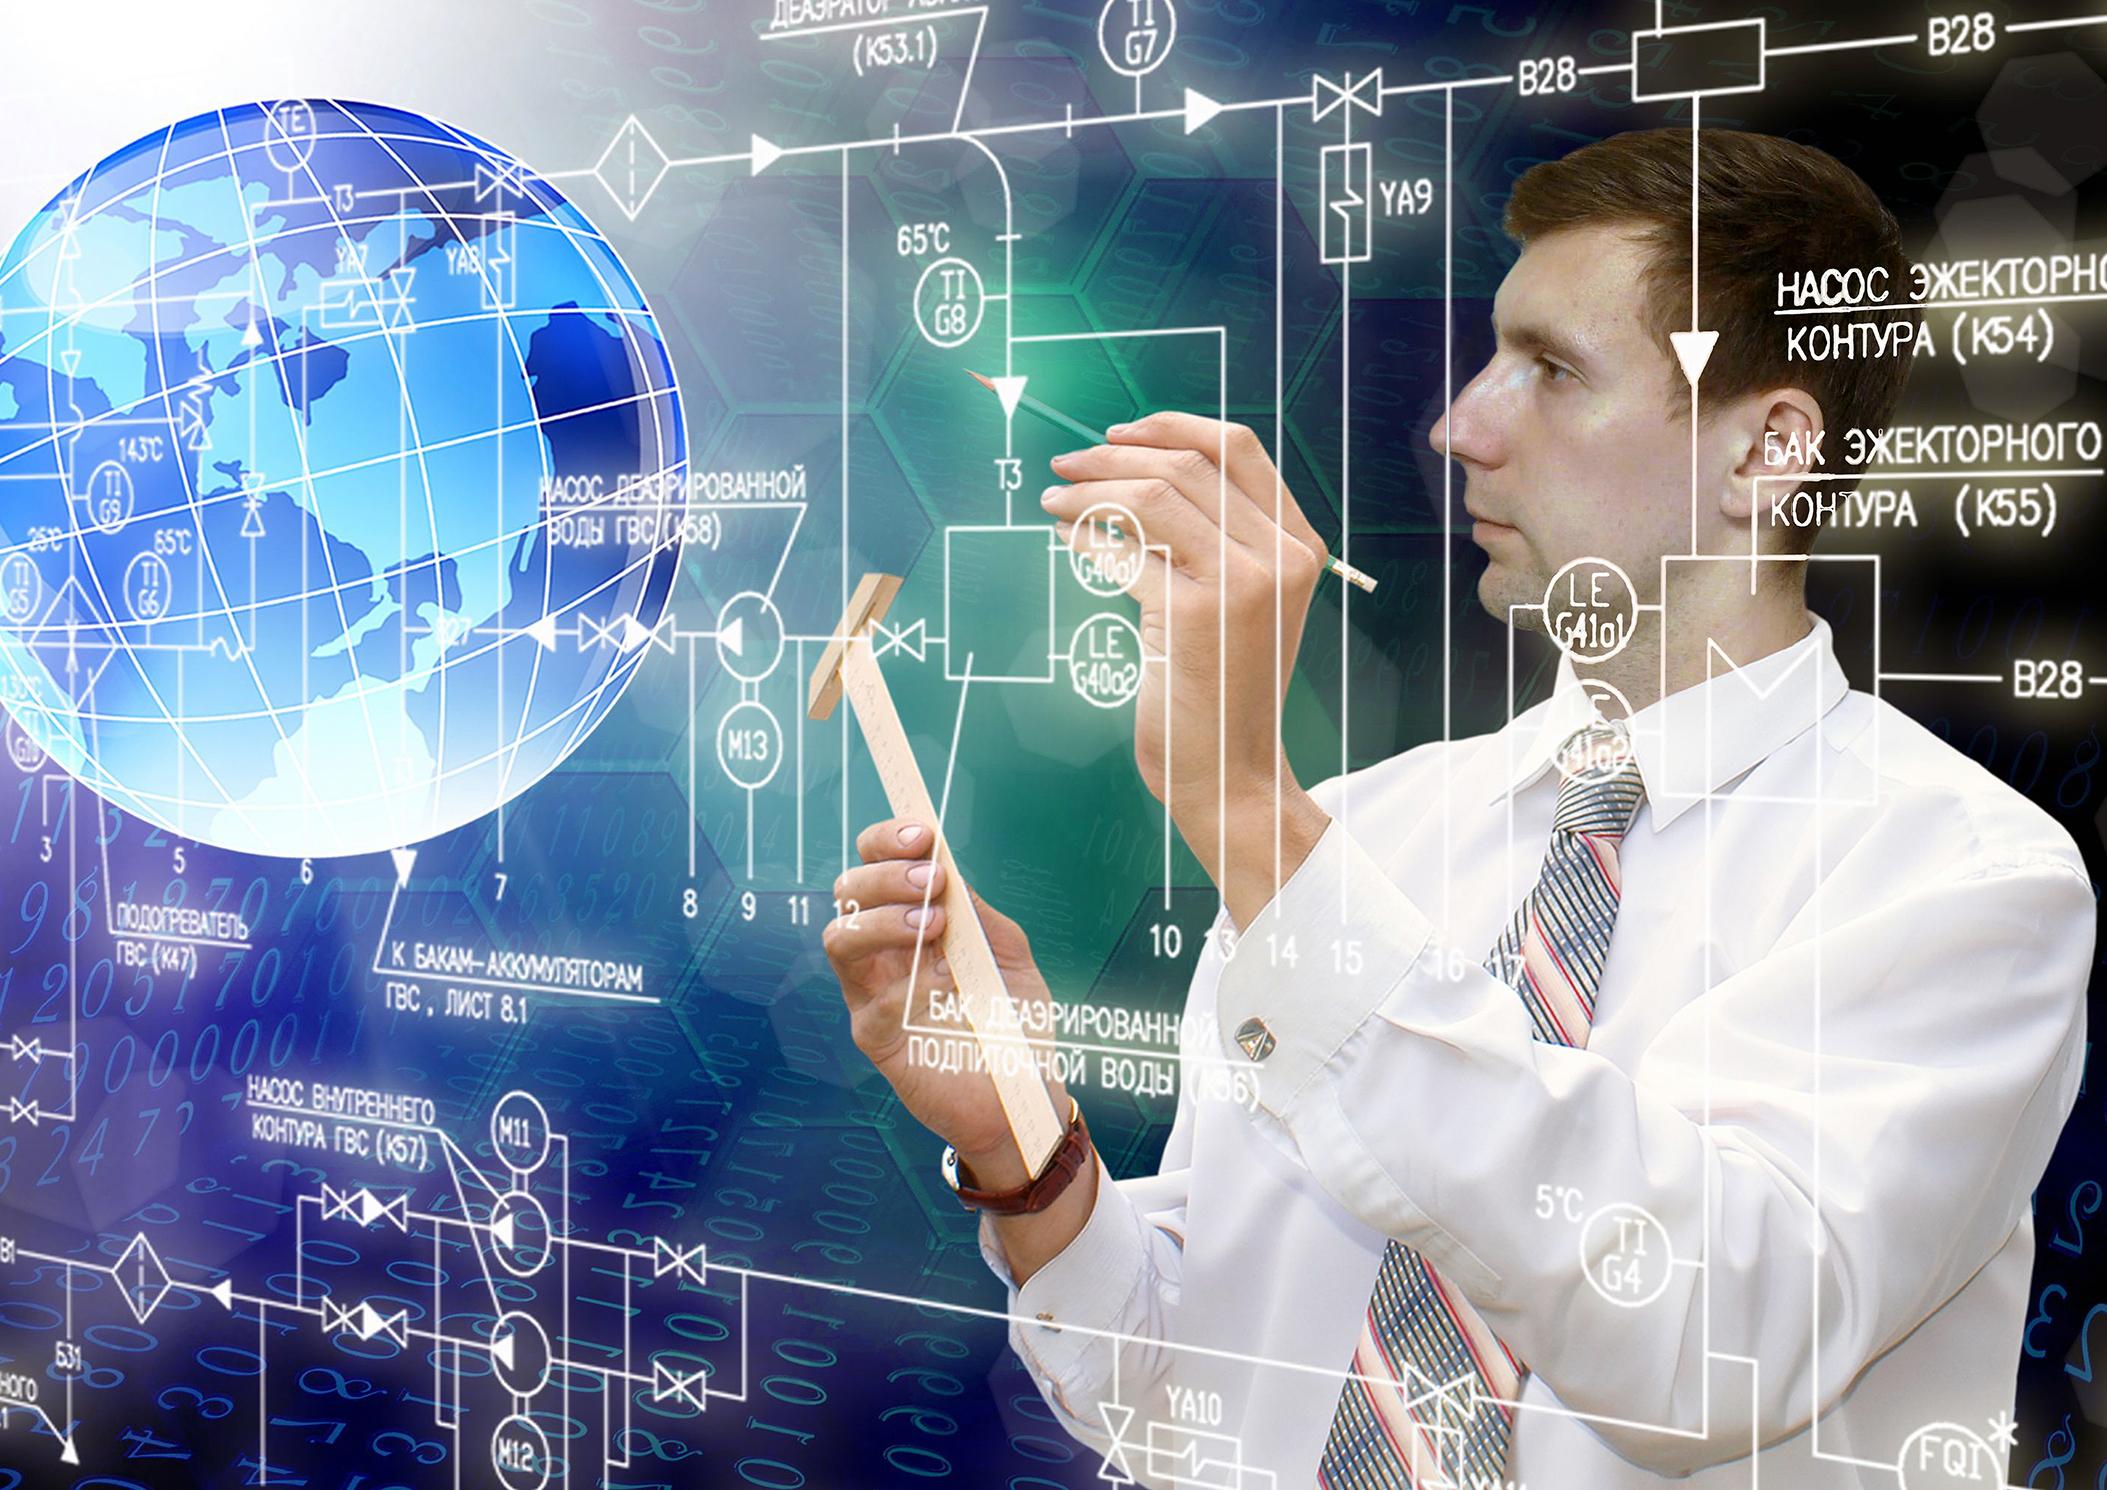 Постер для Технологической компании